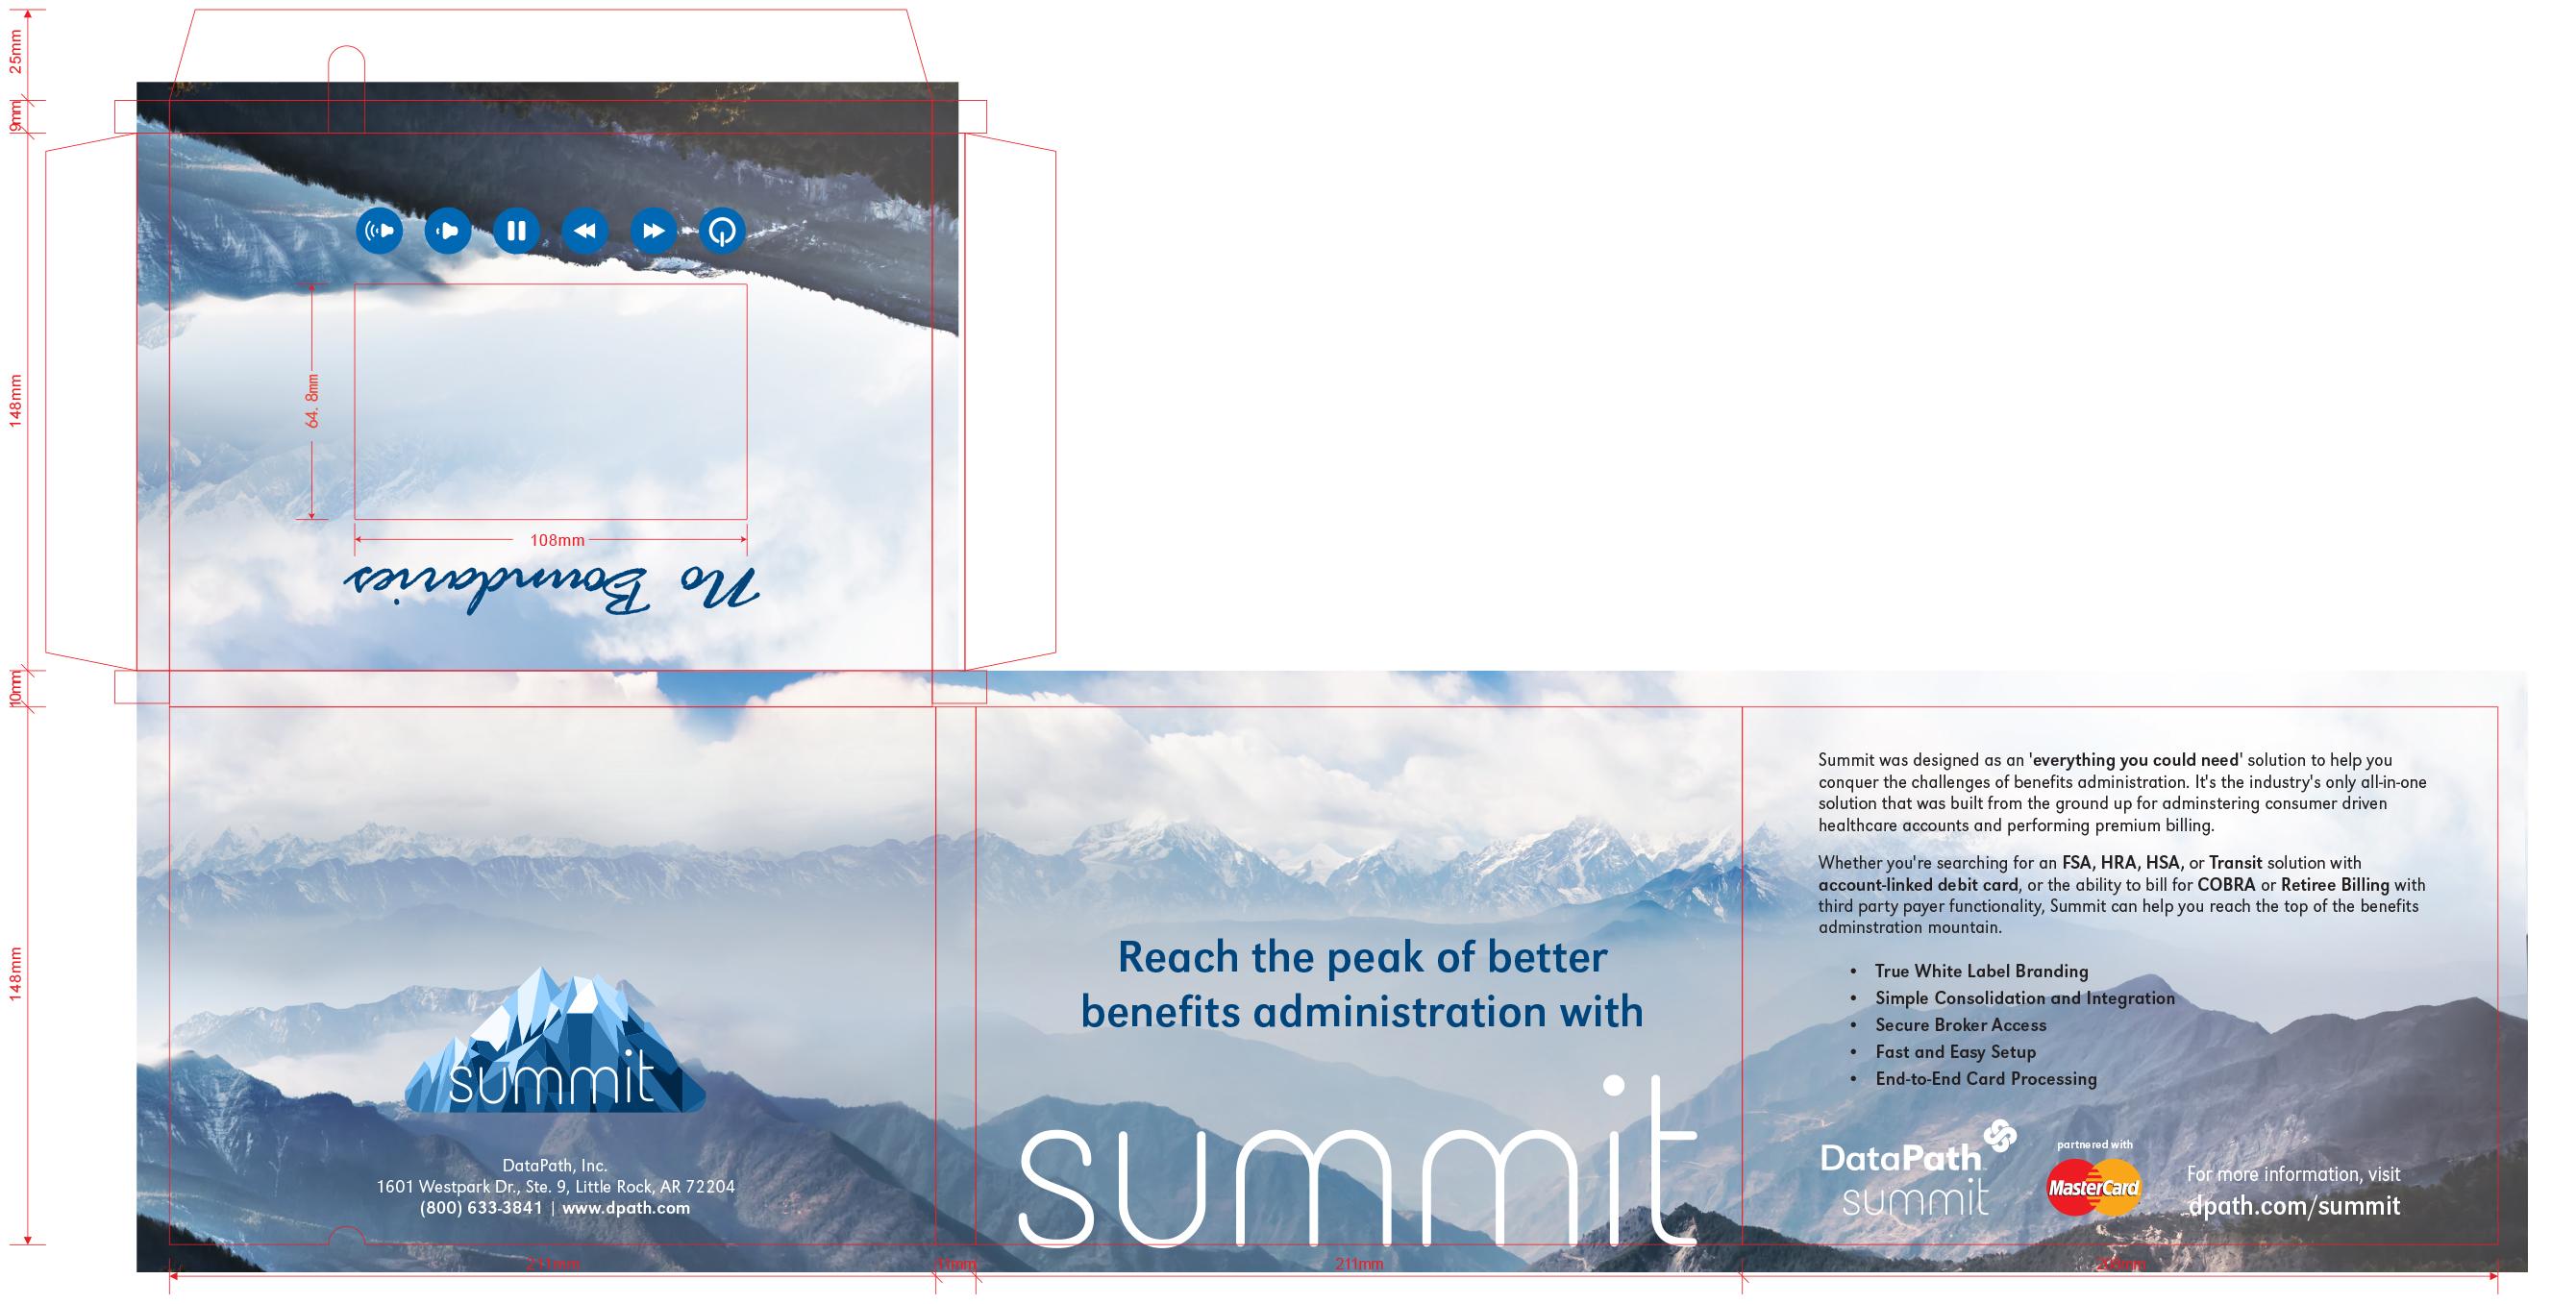 DataPath_Summit_VC6x8-5inch_071516